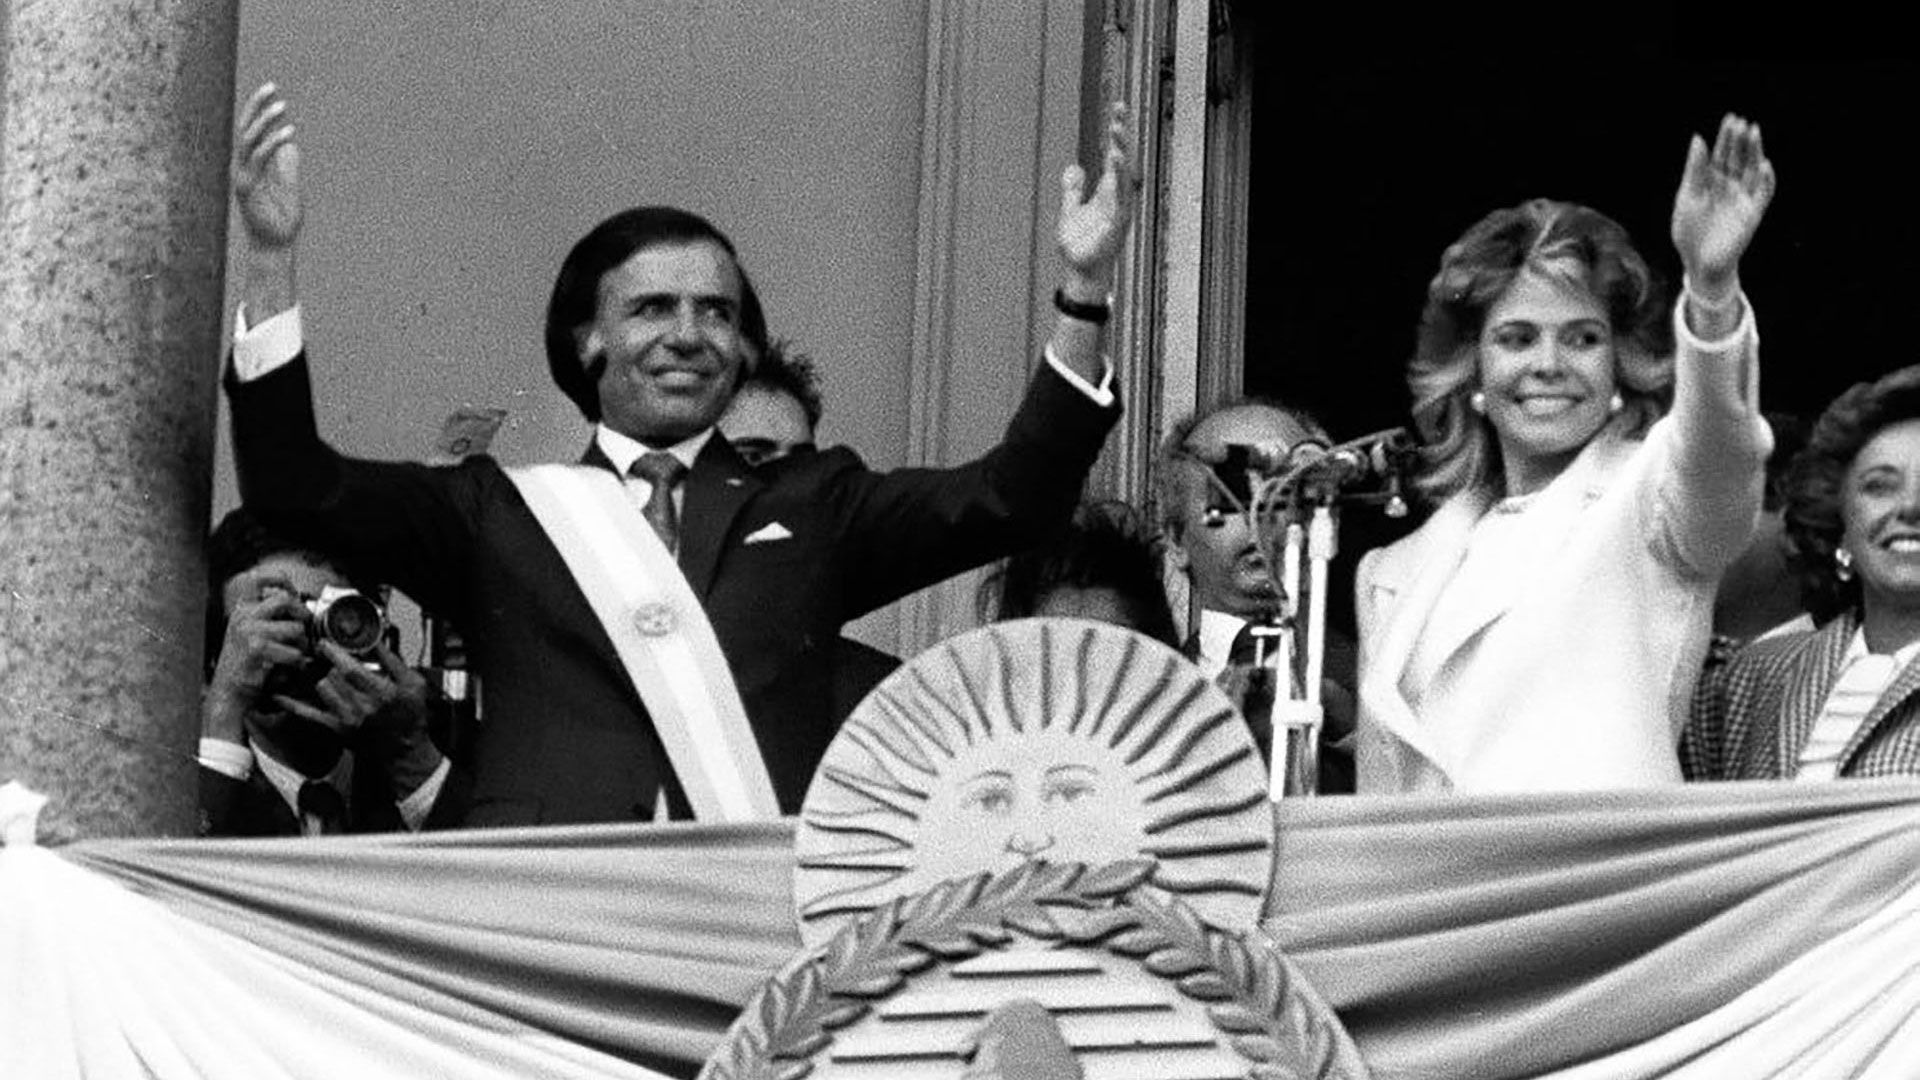 Cinco meses antes de que Raúl Alfonsín culminara su mandato, el 8 de julio de 1989 Carlos Saúl Menem asumió la presidencia de la Nación.